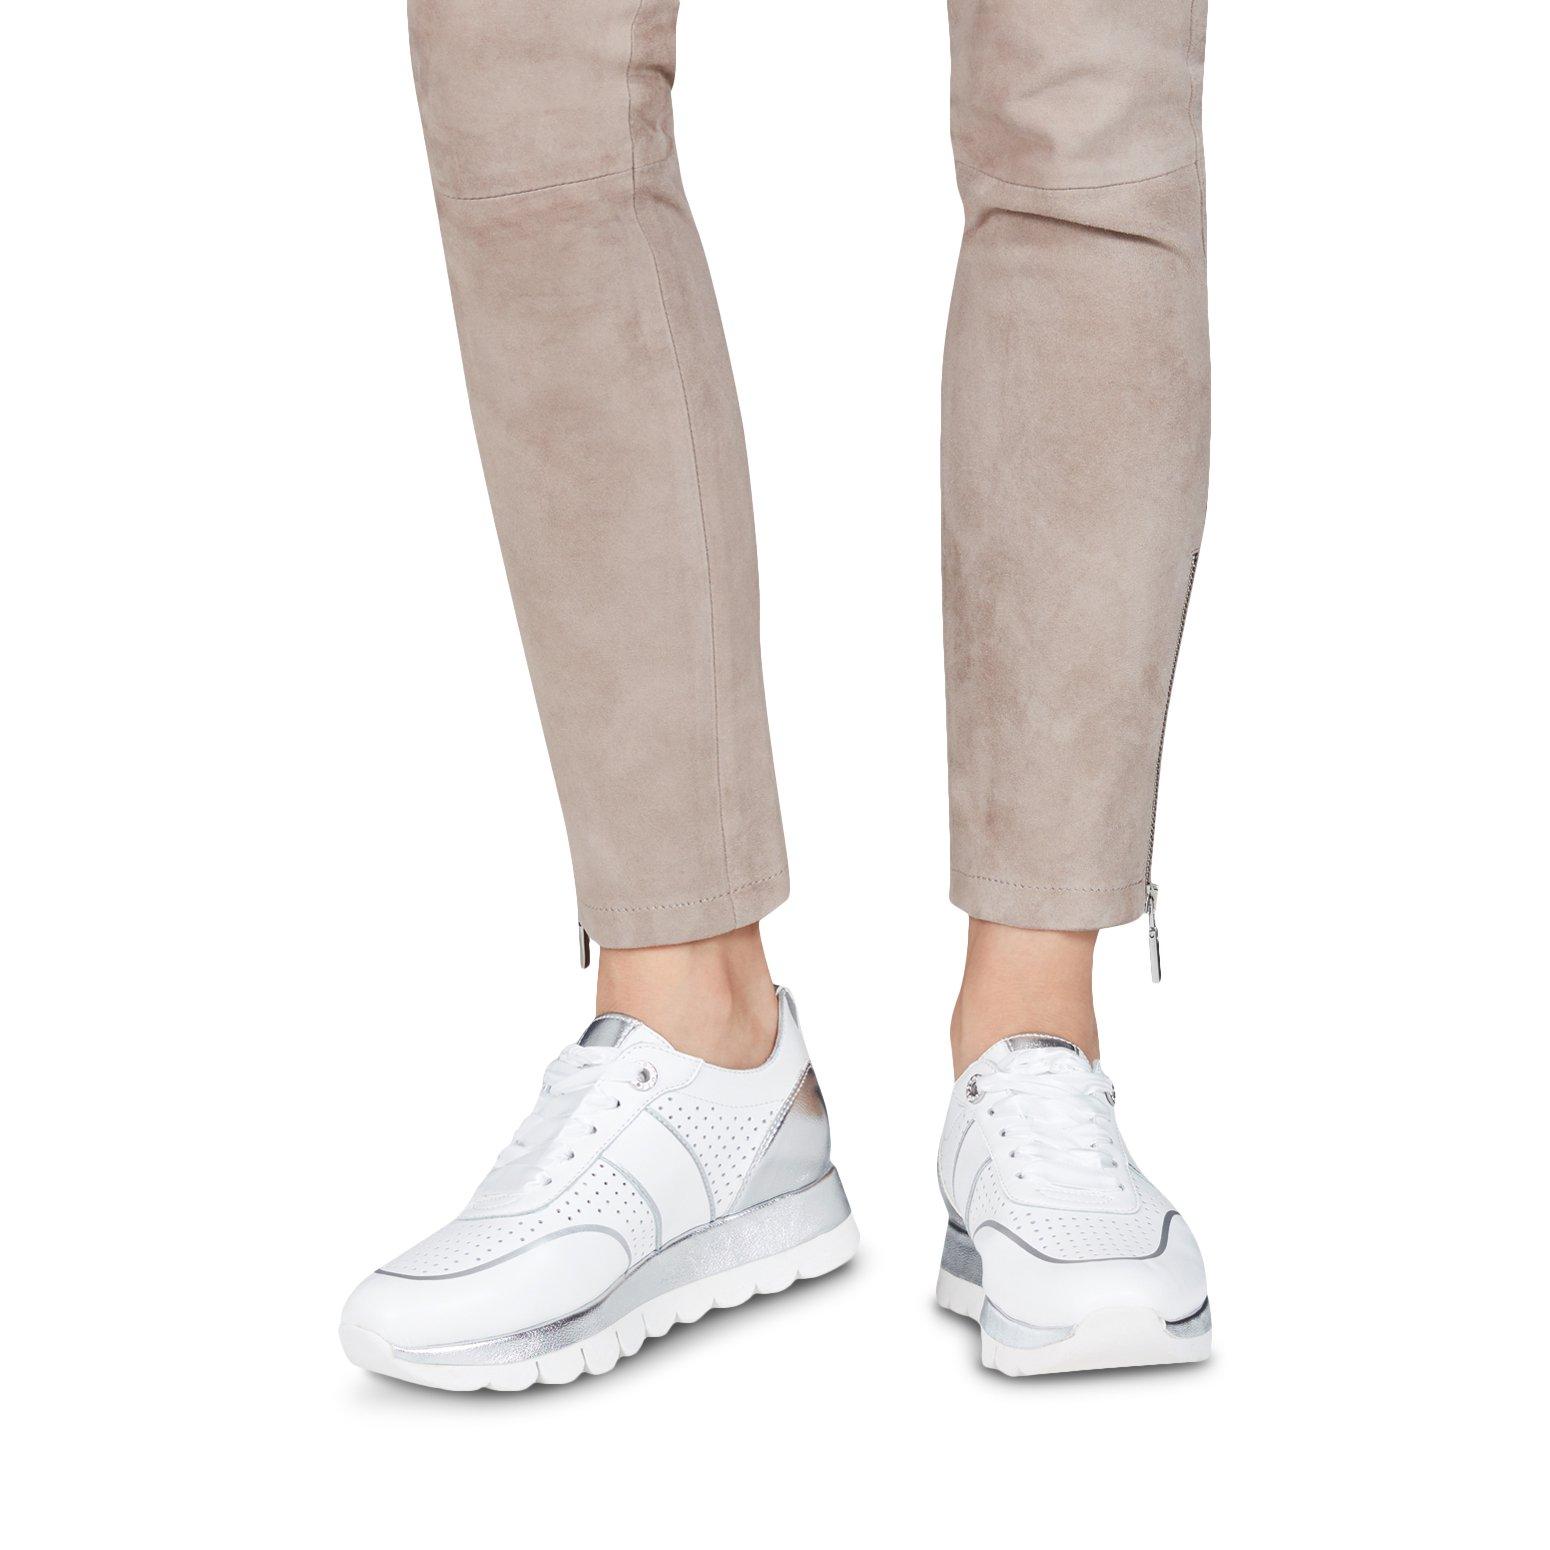 Details zu TAMARIS Damenschuh Sneaker Halbschuh Schnürschuh GR.37 41 1 23723 22 NEU